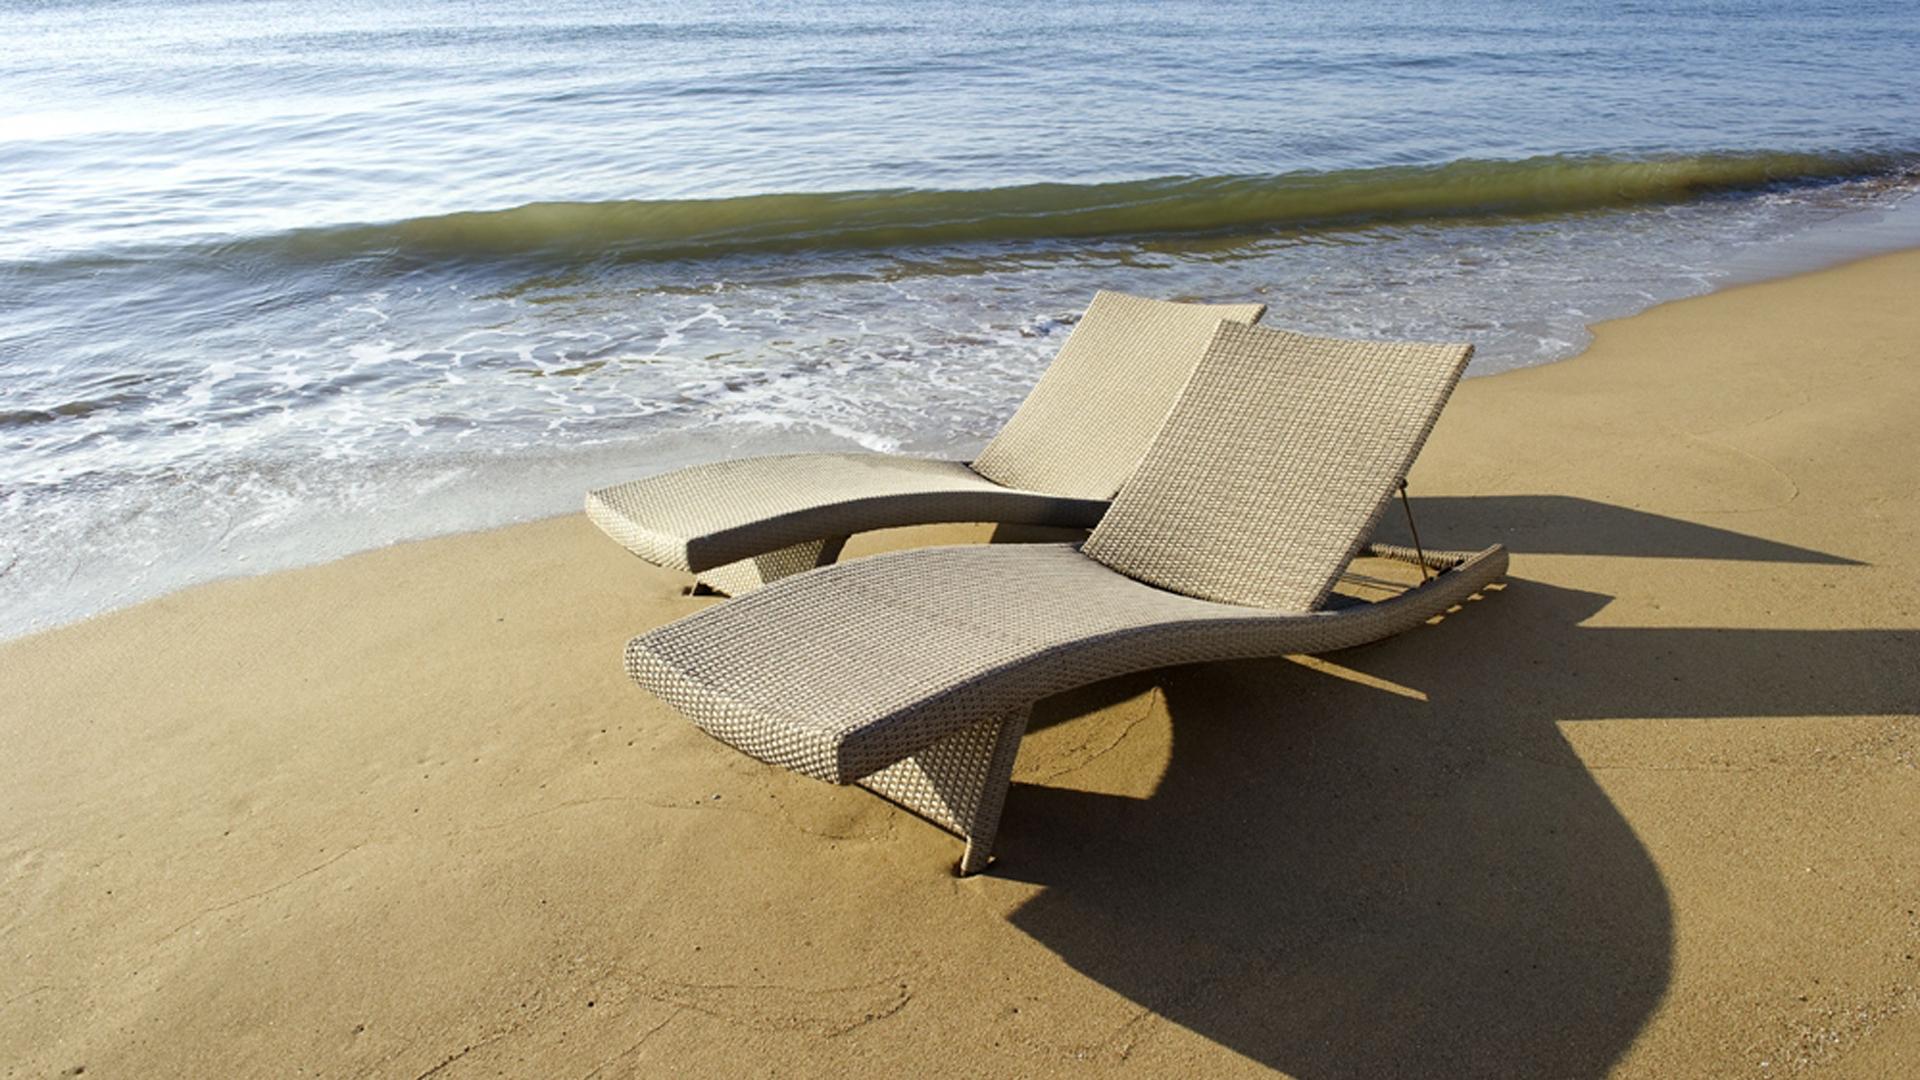 Le bain de soleil DUNA est une chaise longue designée par Claude Robin pour LES JARDINS AIX-EN-PROVENCE. Ce bain de soleil s'est imposé sur les plages, les terrasse de piscines d'hôtels à travers le monde. Véritable best seller aux USA, cette chaise longue distribuée par FRONTGATE se poursuit aujourd'hui encore. Bain de soleil avec pieds pliants s'intégrant dans le cadre. Chaise longue empilable qui allie ergonomie et design.